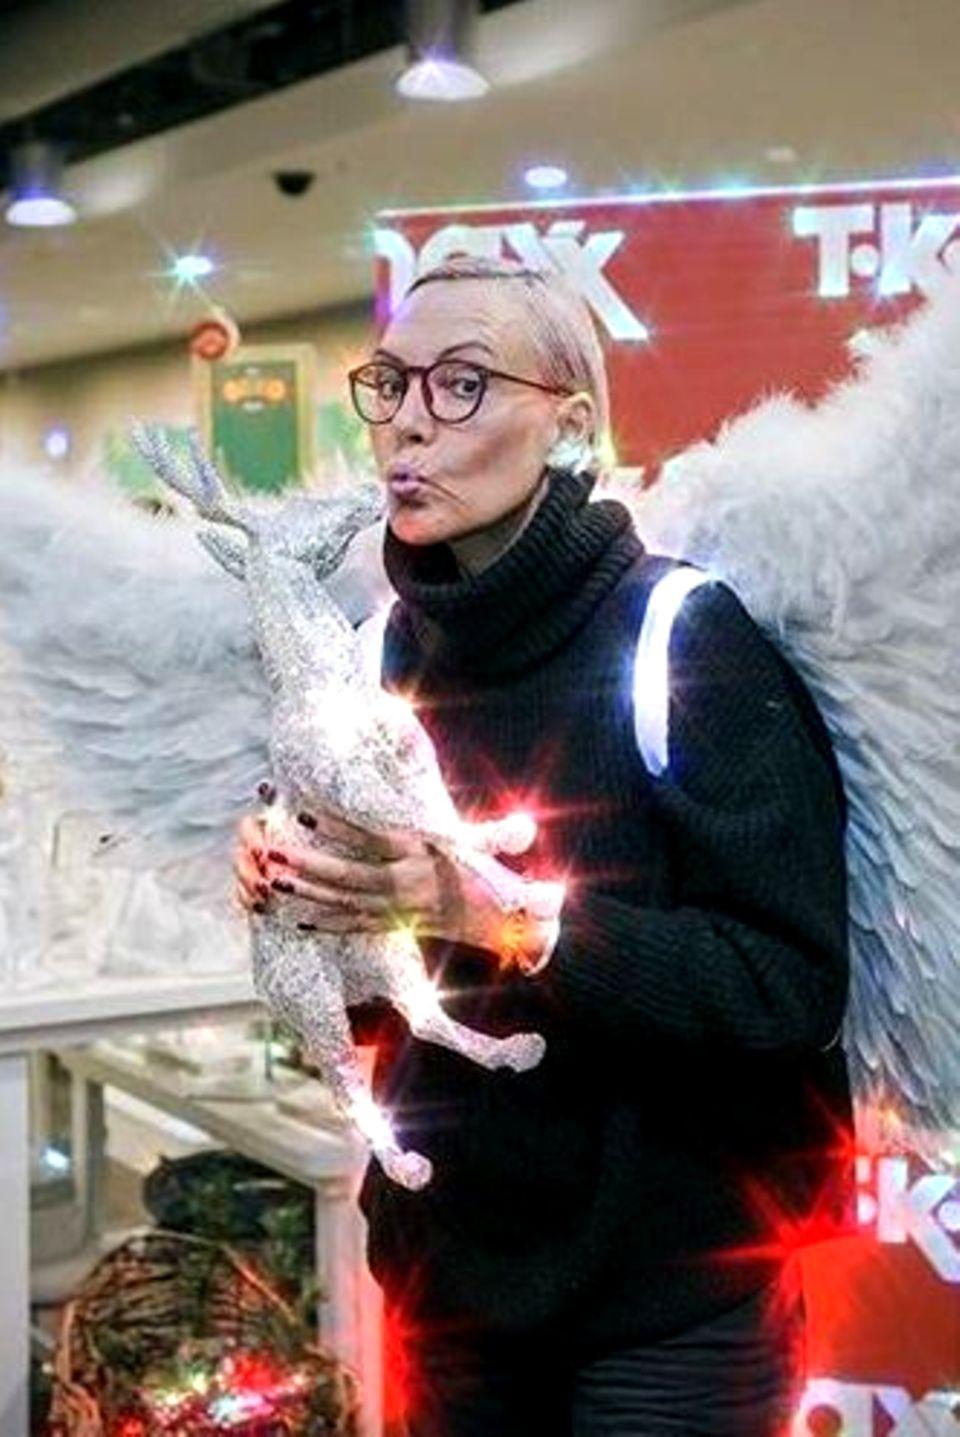 Natascha Ochsenknecht sucht sich passende Weihnachtsdekoration aus.